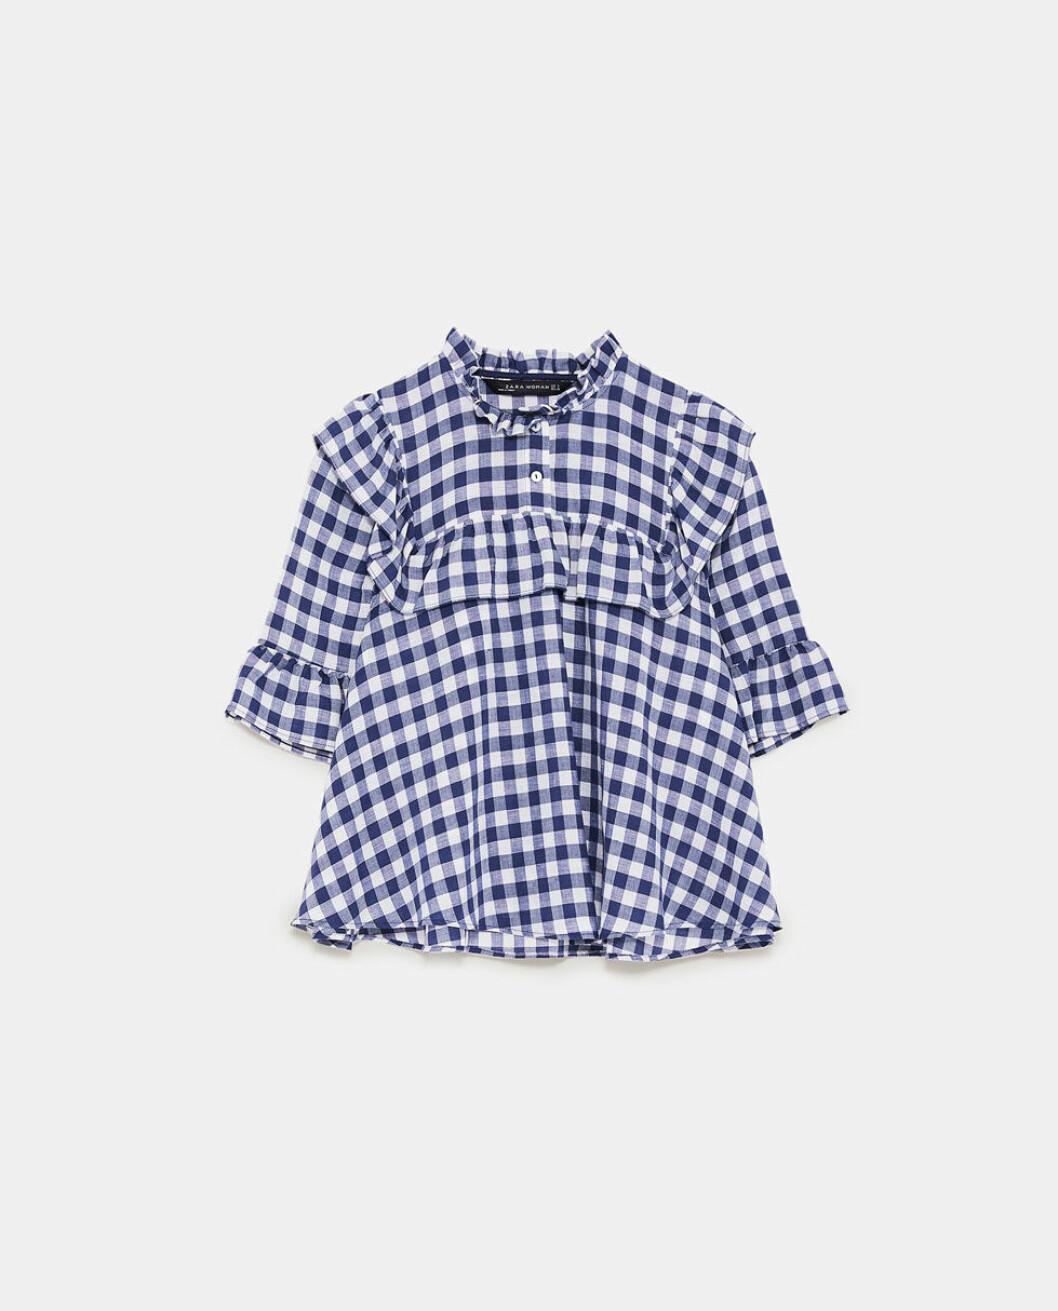 Rutig blus från Zara.